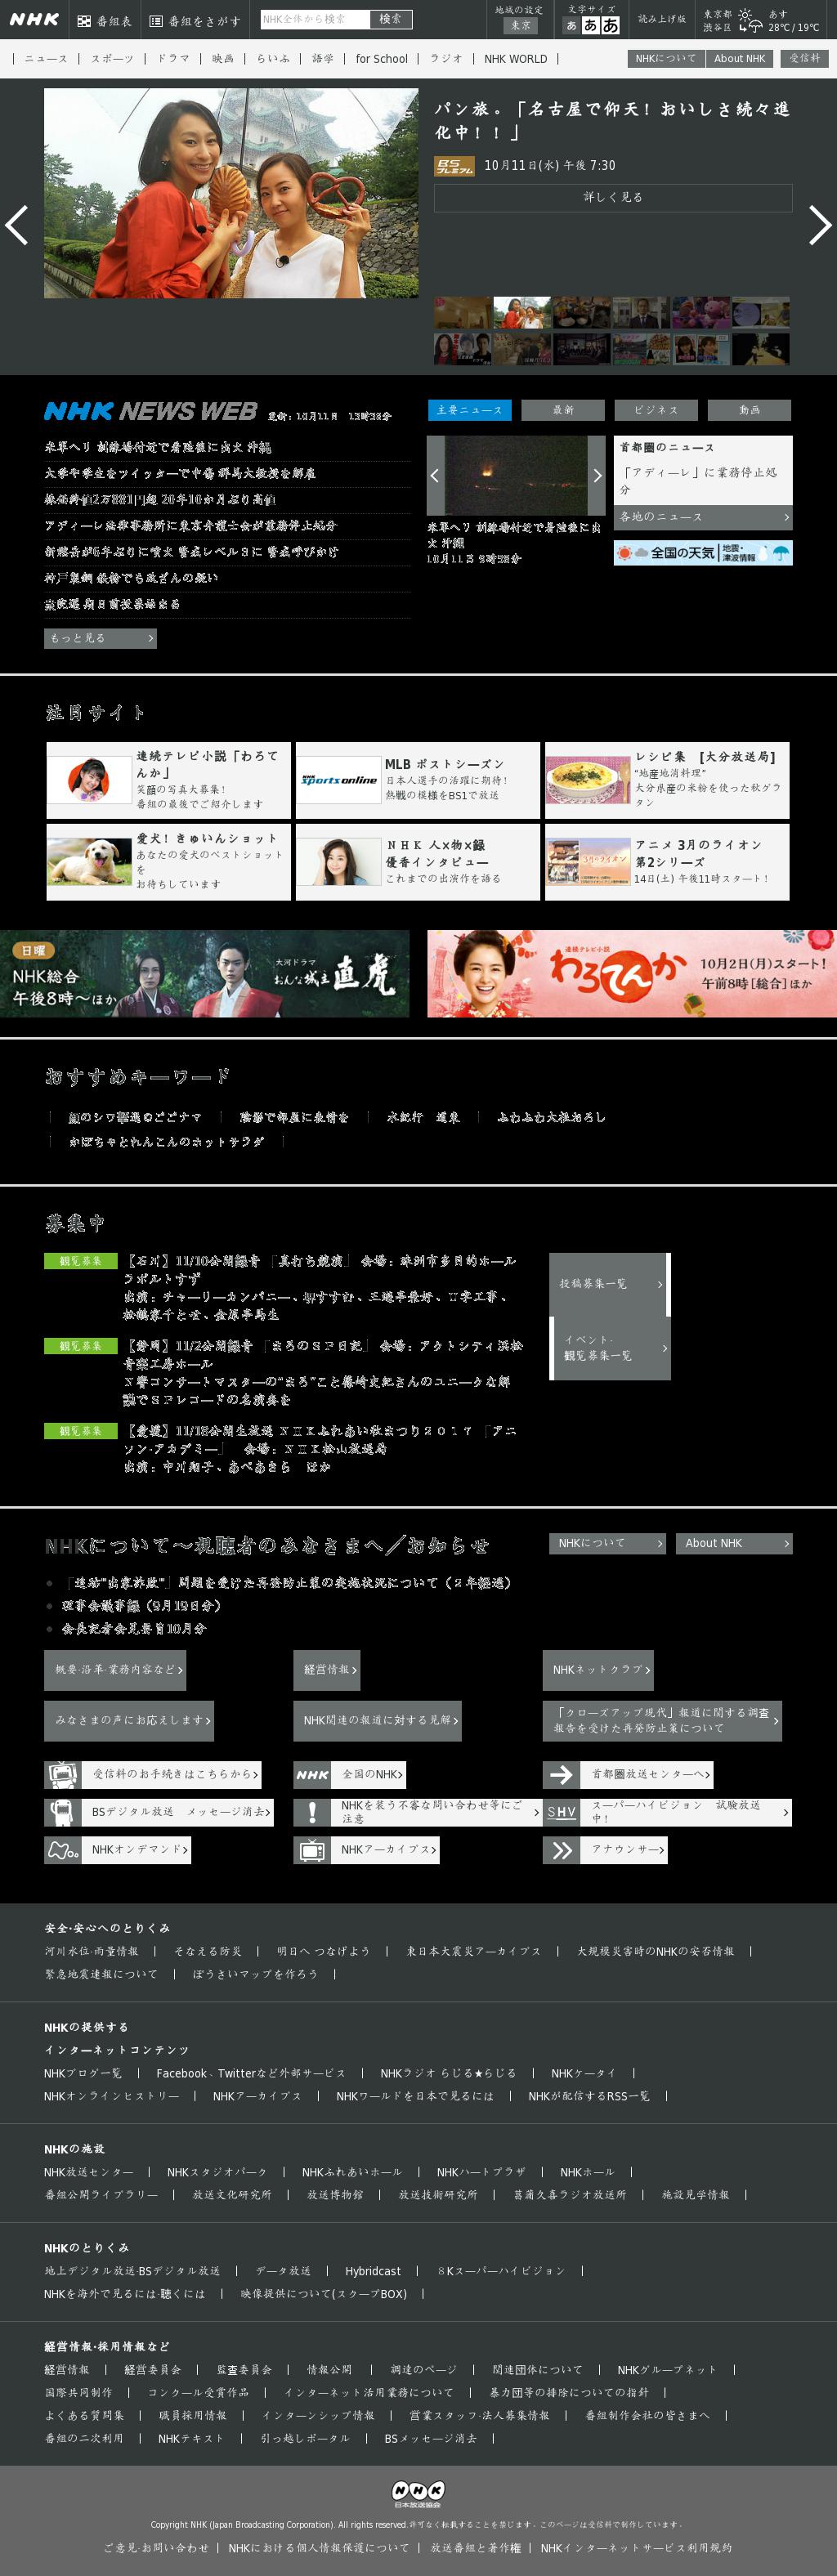 NHK Online at Wednesday Oct. 11, 2017, 2:11 p.m. UTC